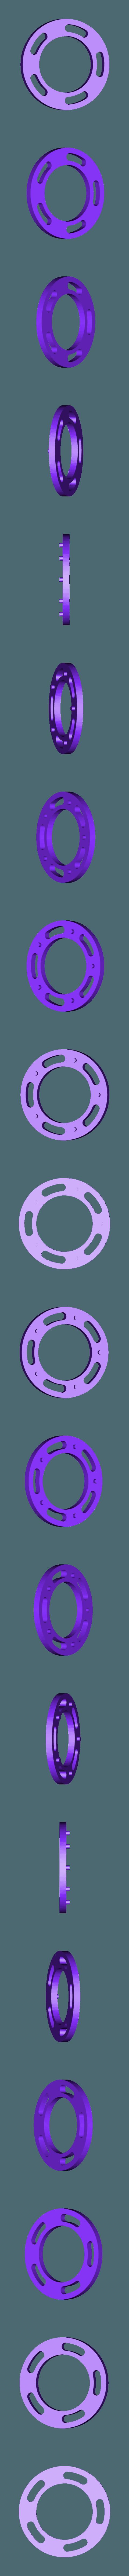 Slotted Disc, Iris Pendant.STL Télécharger fichier STL gratuit Pendentif Iris • Design pour impression 3D, potentprintables